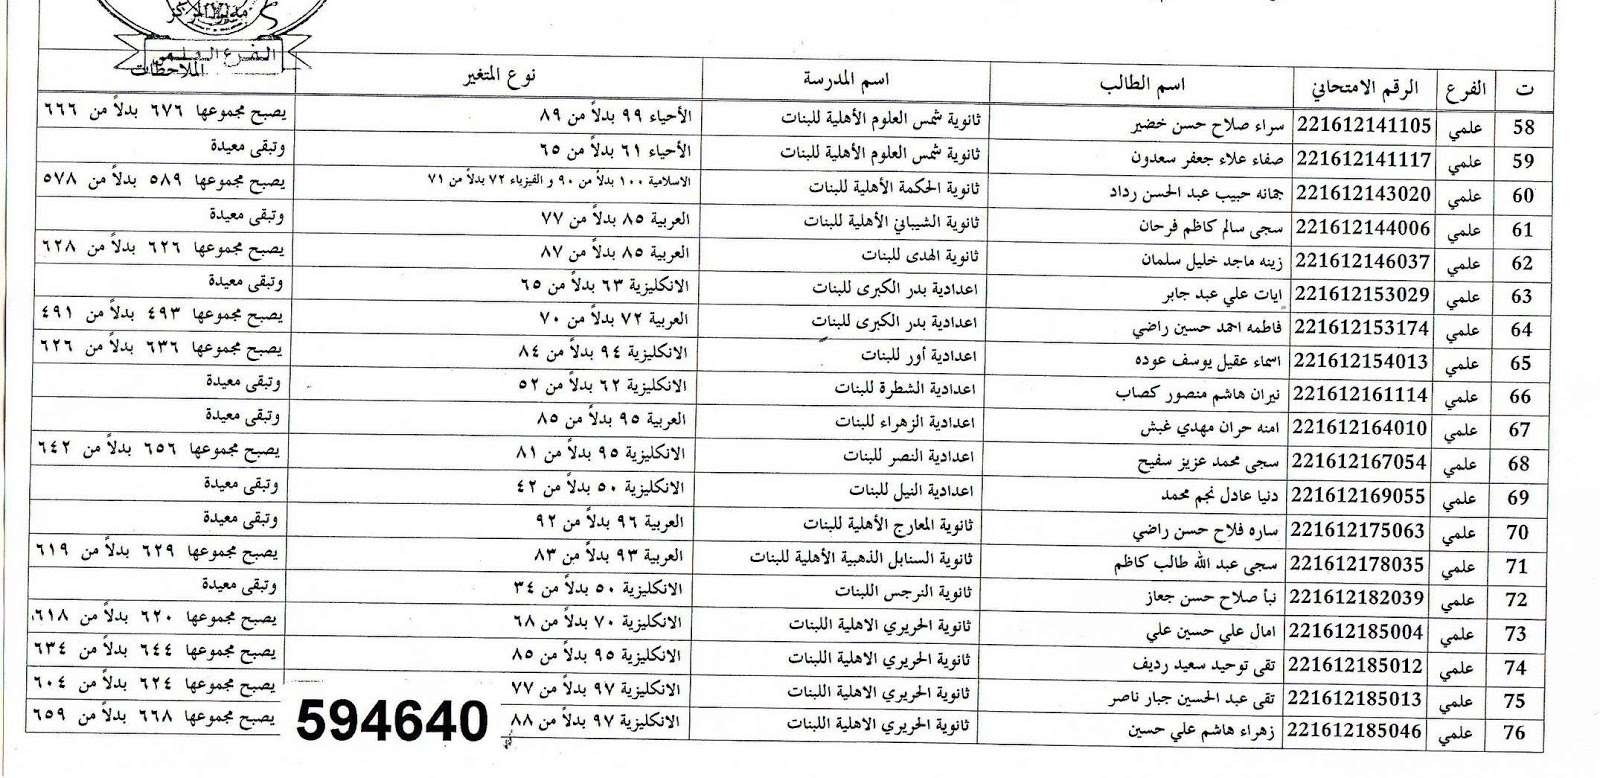 عاجل نتائج اعتراضات السادس الاعدادي في ذي قار 2016 413